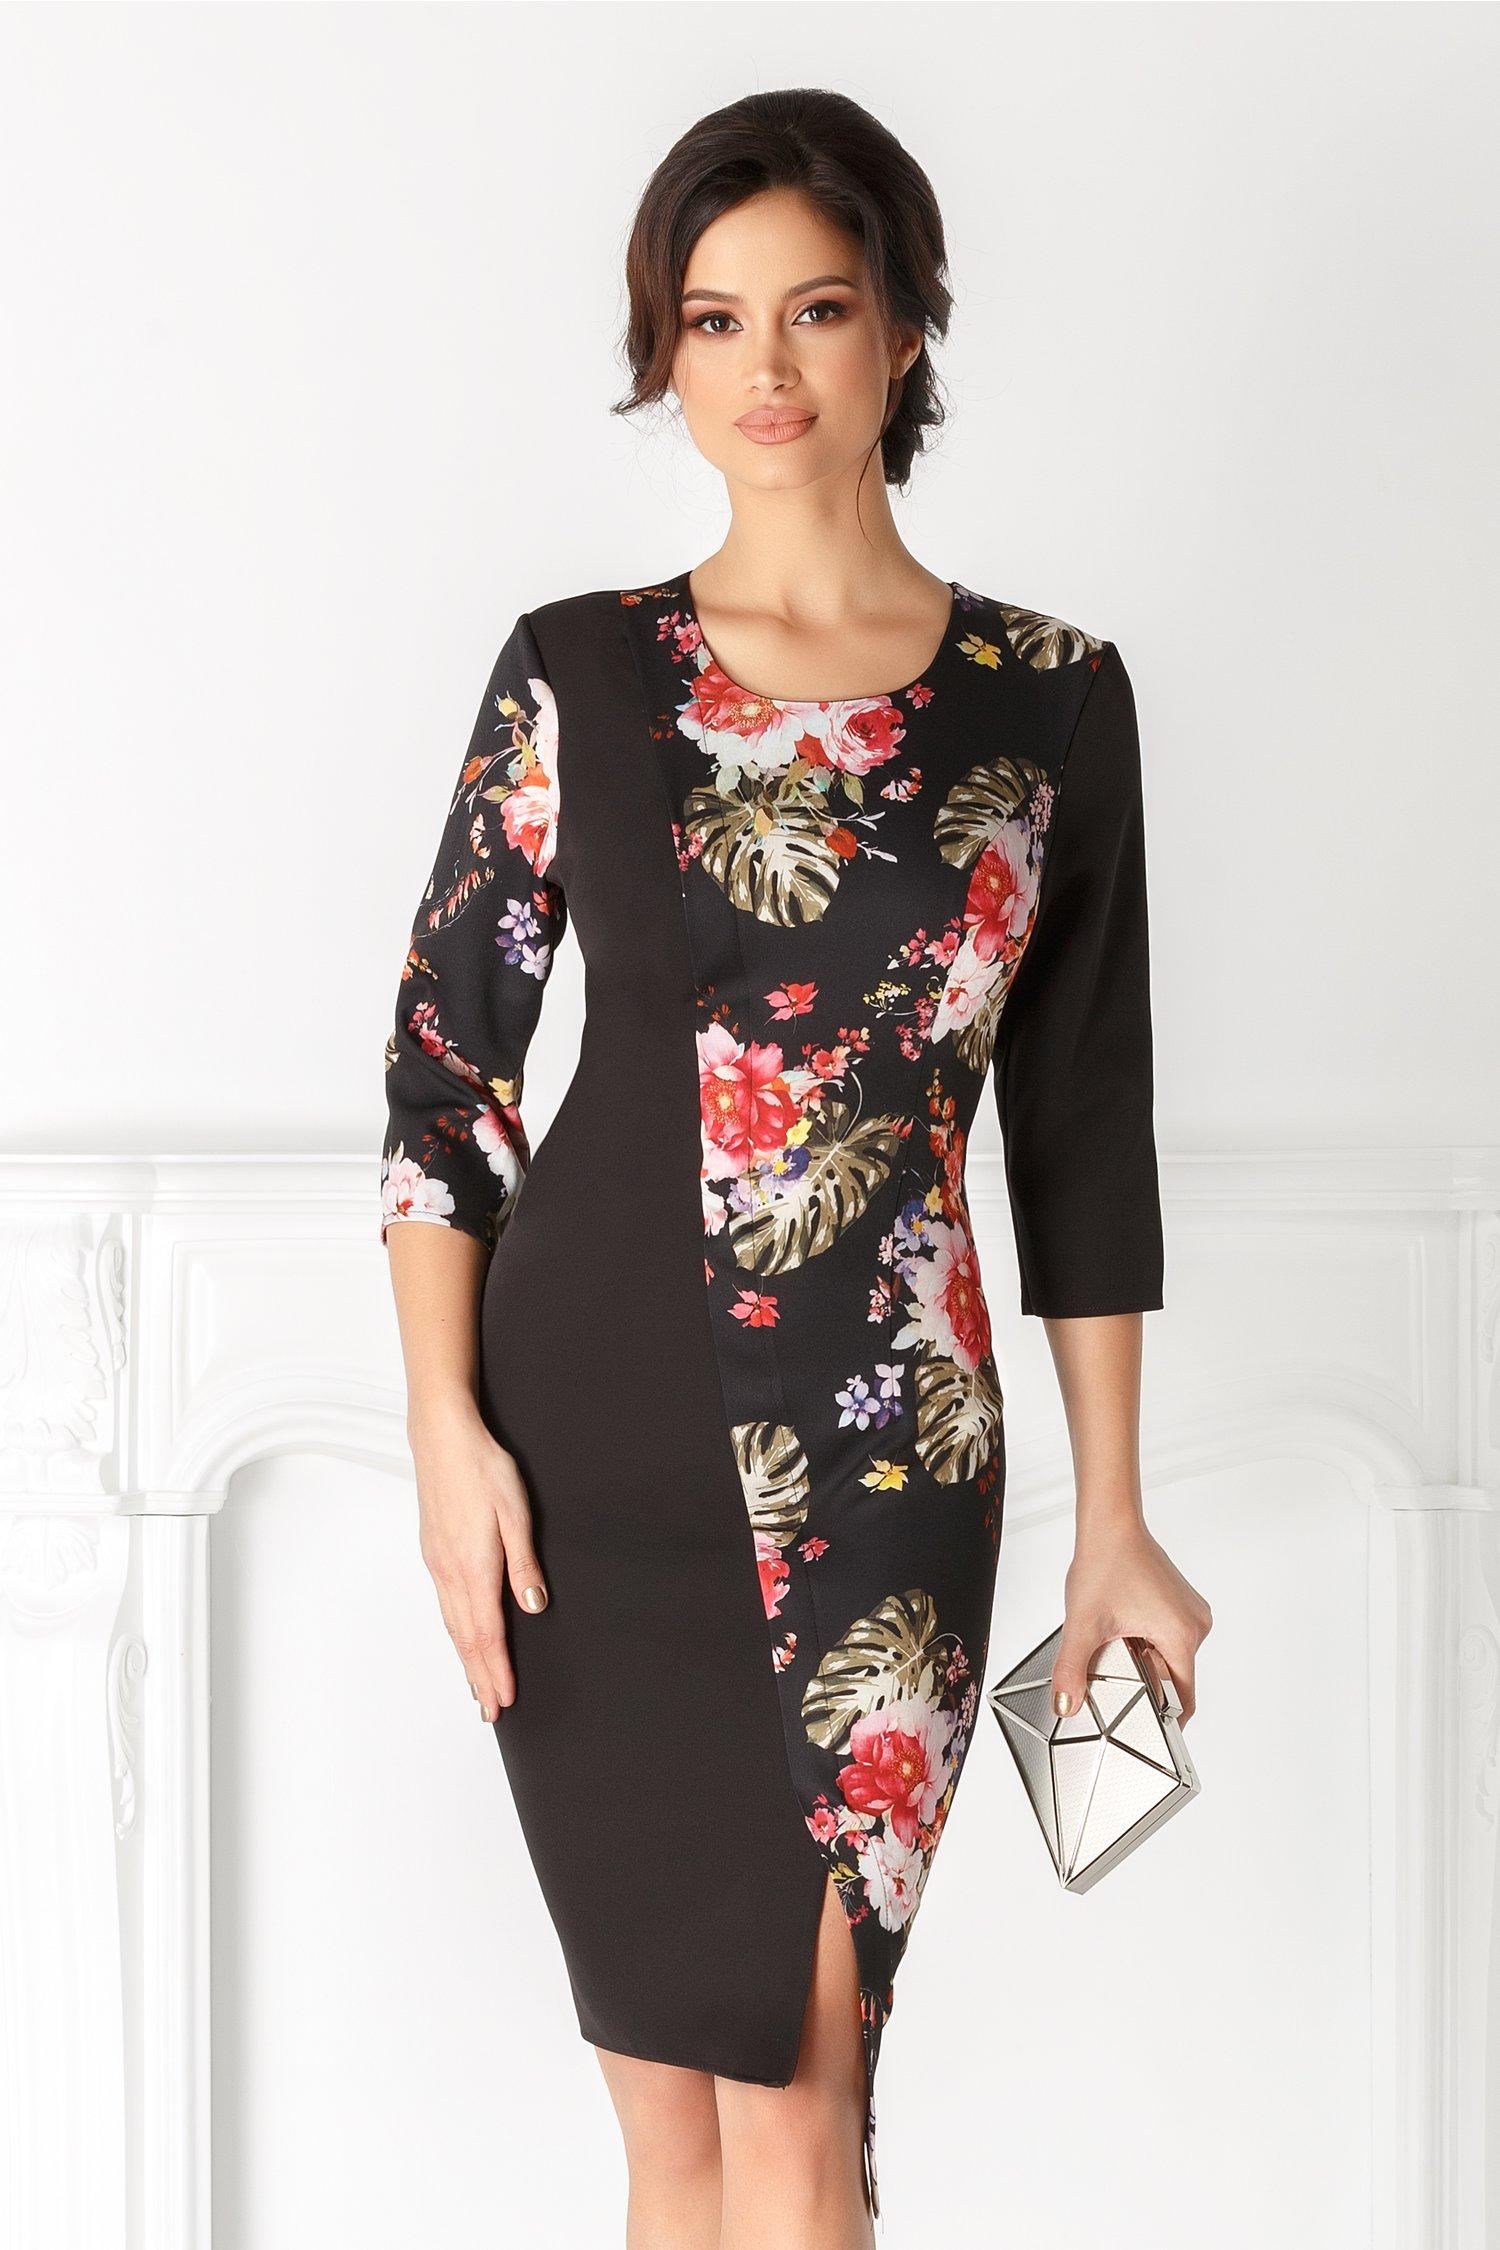 Rochie Ivone neagra cu imprimeu floral colorat